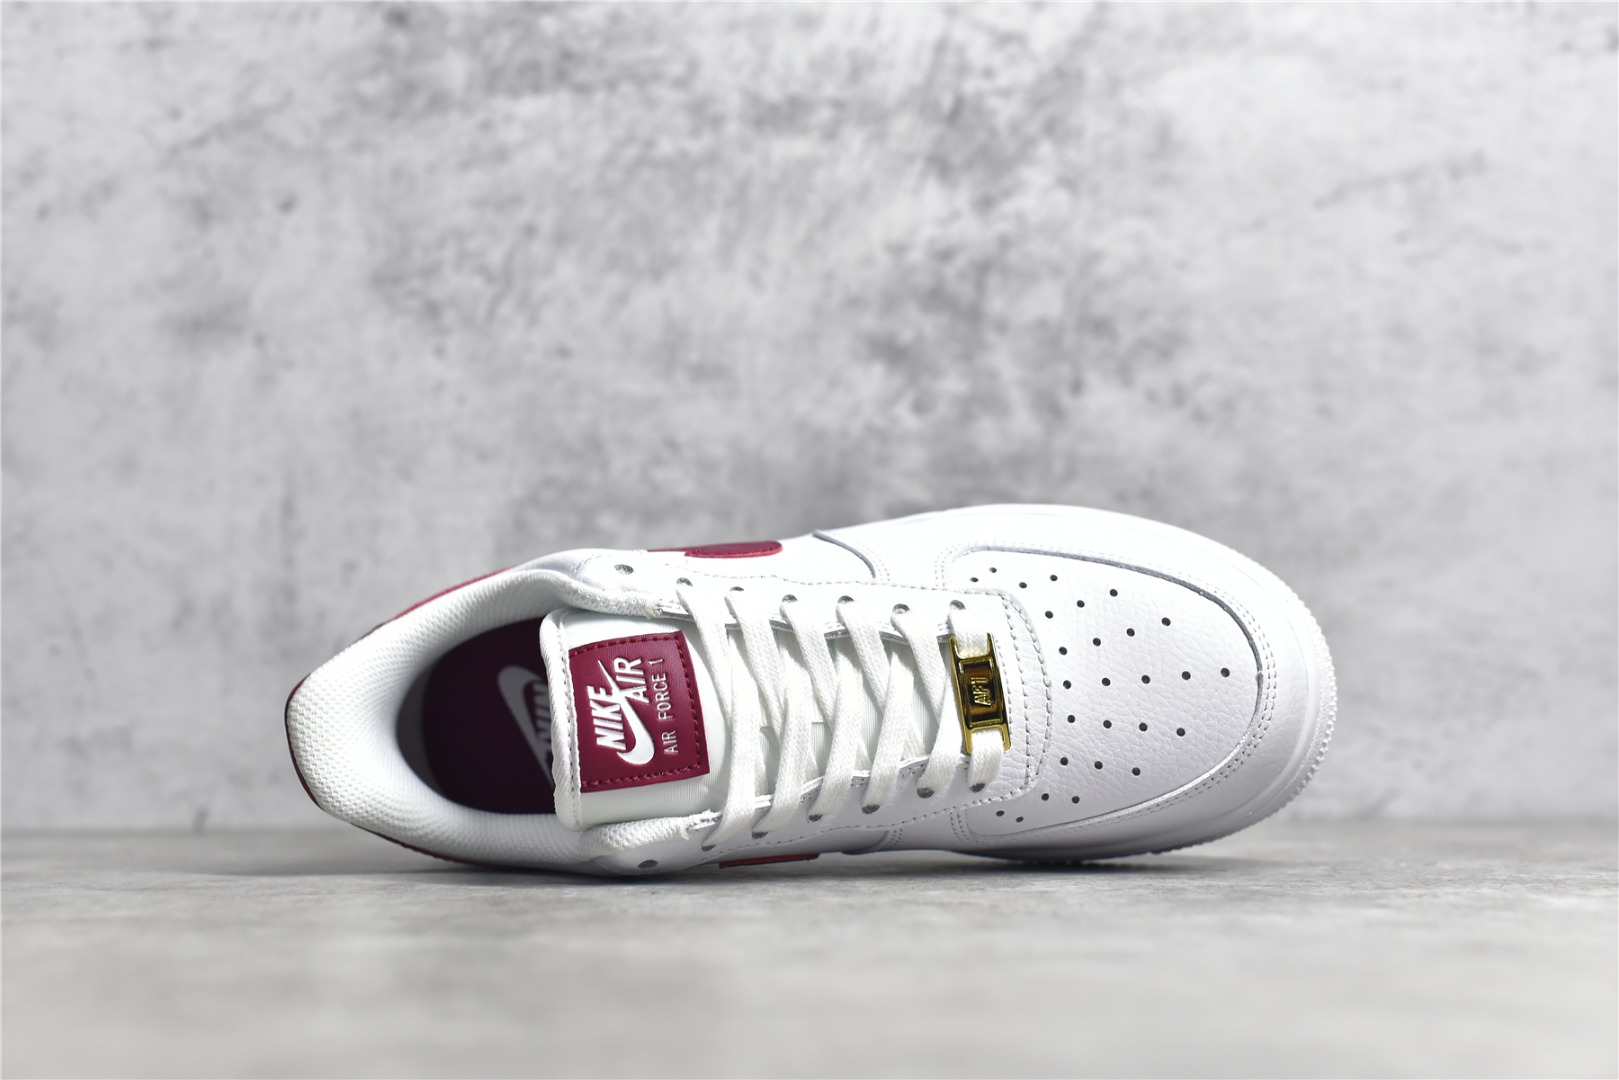 耐克空军白色鞋面酒红勾 Nike Air Force 1 '07 空军白红低帮 CJ纯原版本顶级版本空军复刻 货号:315115-154-潮流者之家